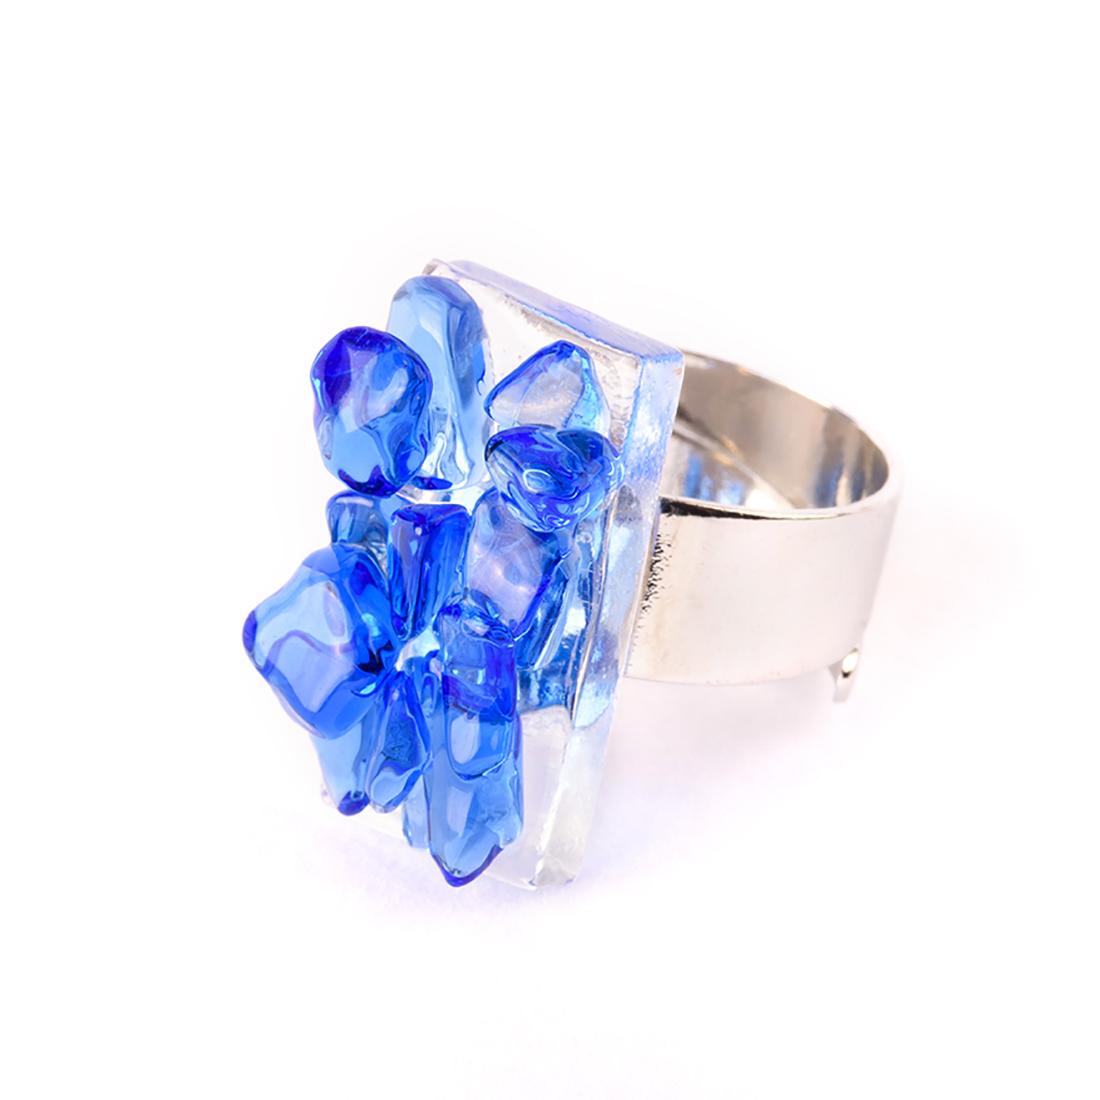 Μοντέρνο δαχτυλίδι